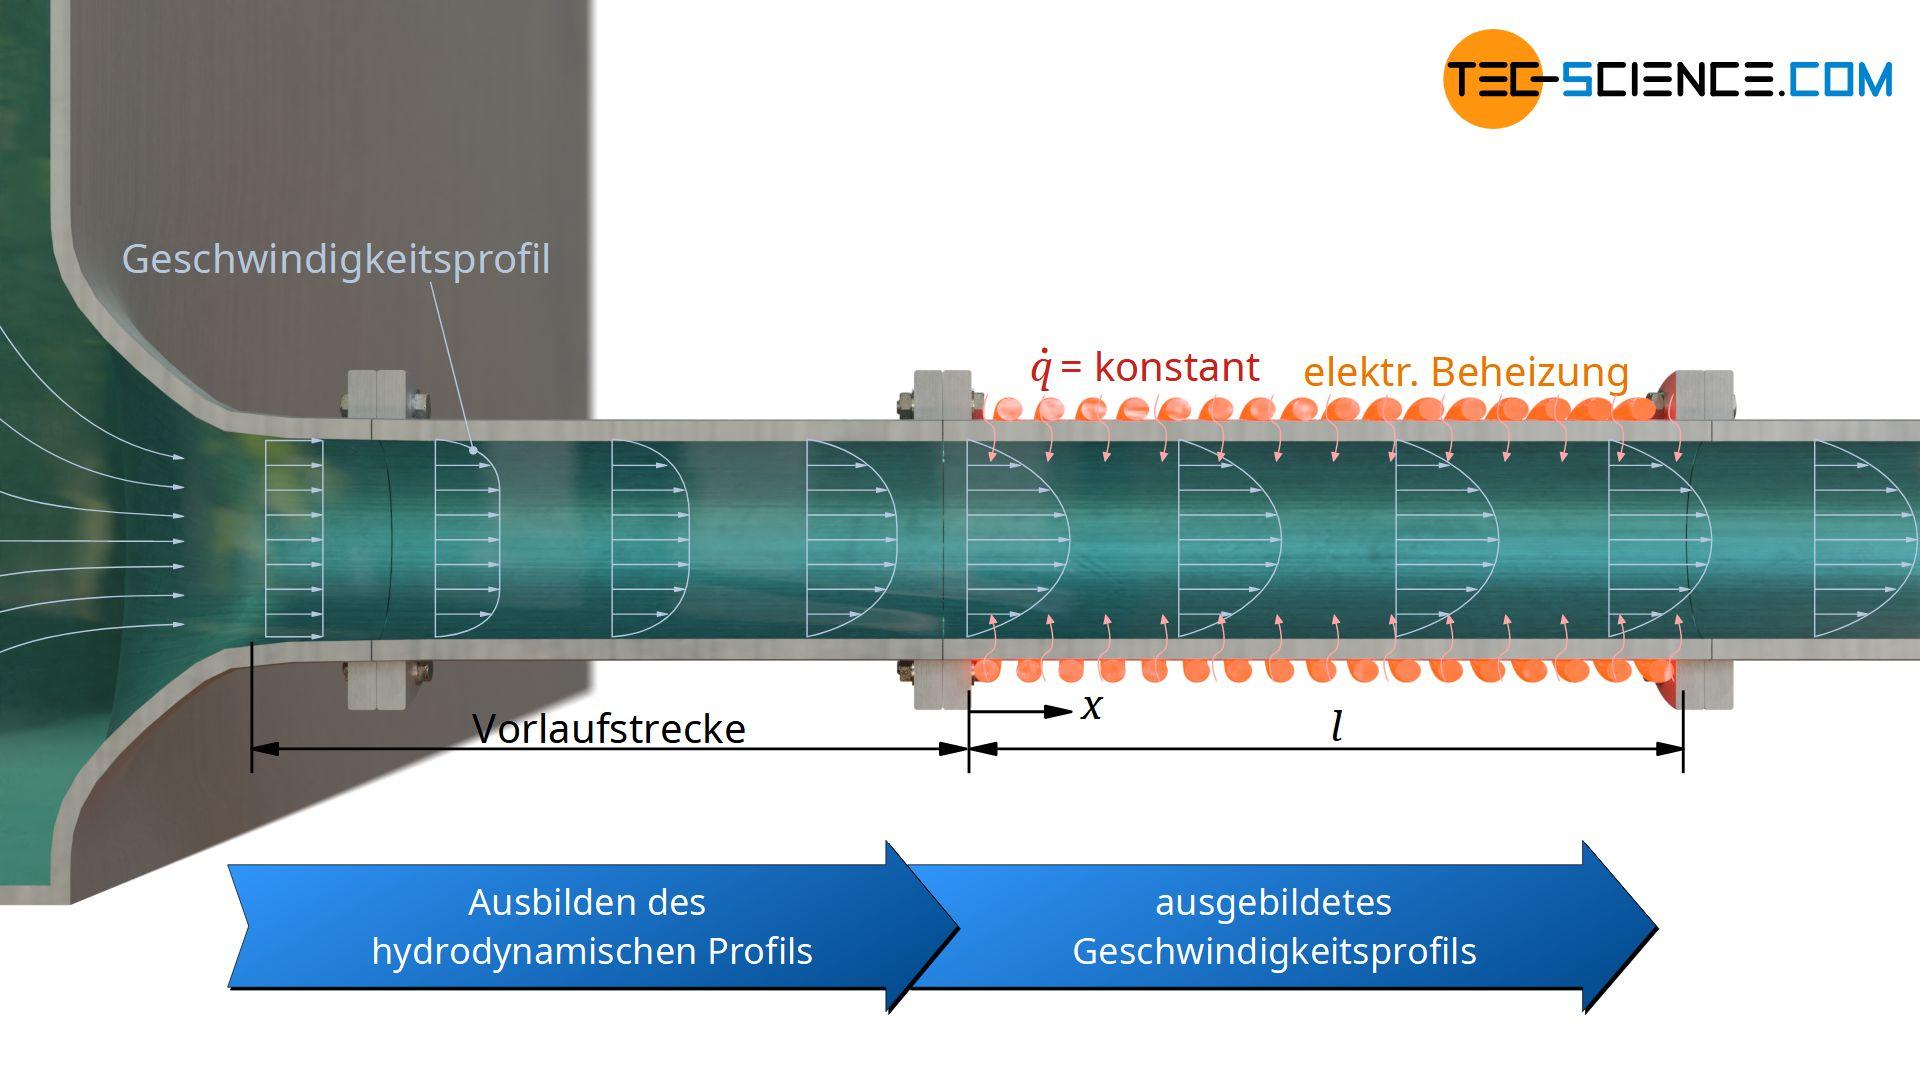 Konvektiver Wärmeübergang bei hydrodynamisch ausgebildeter Strömung (Geschwindigkeitsprofil) und konstanter Wärmestromdichte